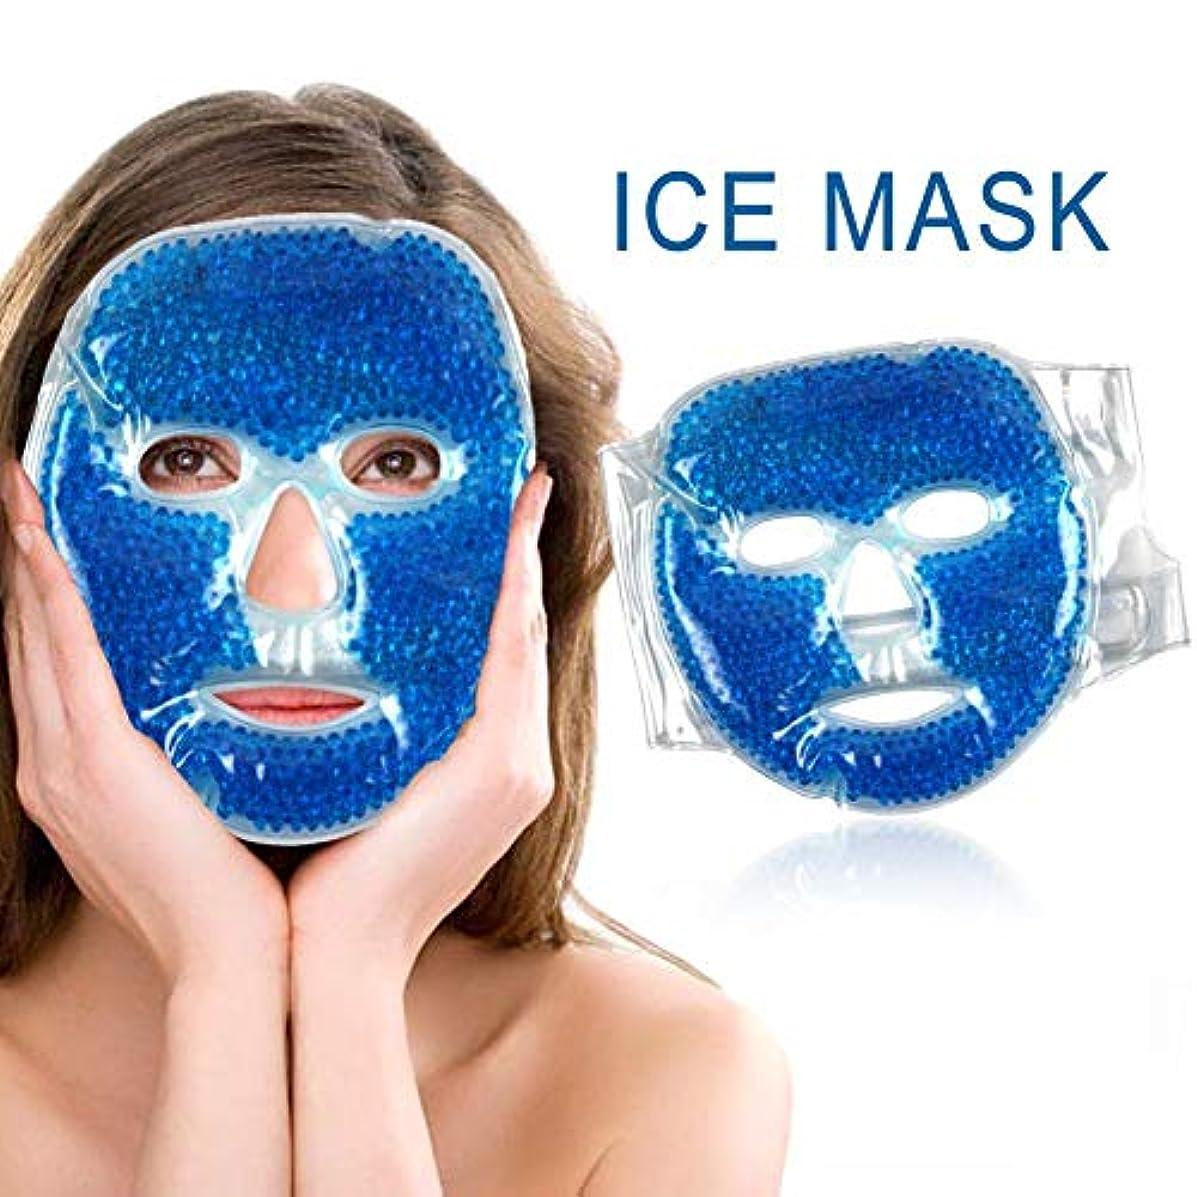 補助不従順アトラスSILUN フェイスマスク 冷温兼用 アイスマスク 美容用 再利用可能 毛細血管収縮 疲労緩和 肌ケア 保湿 吸収しやすい 美容マッサージ